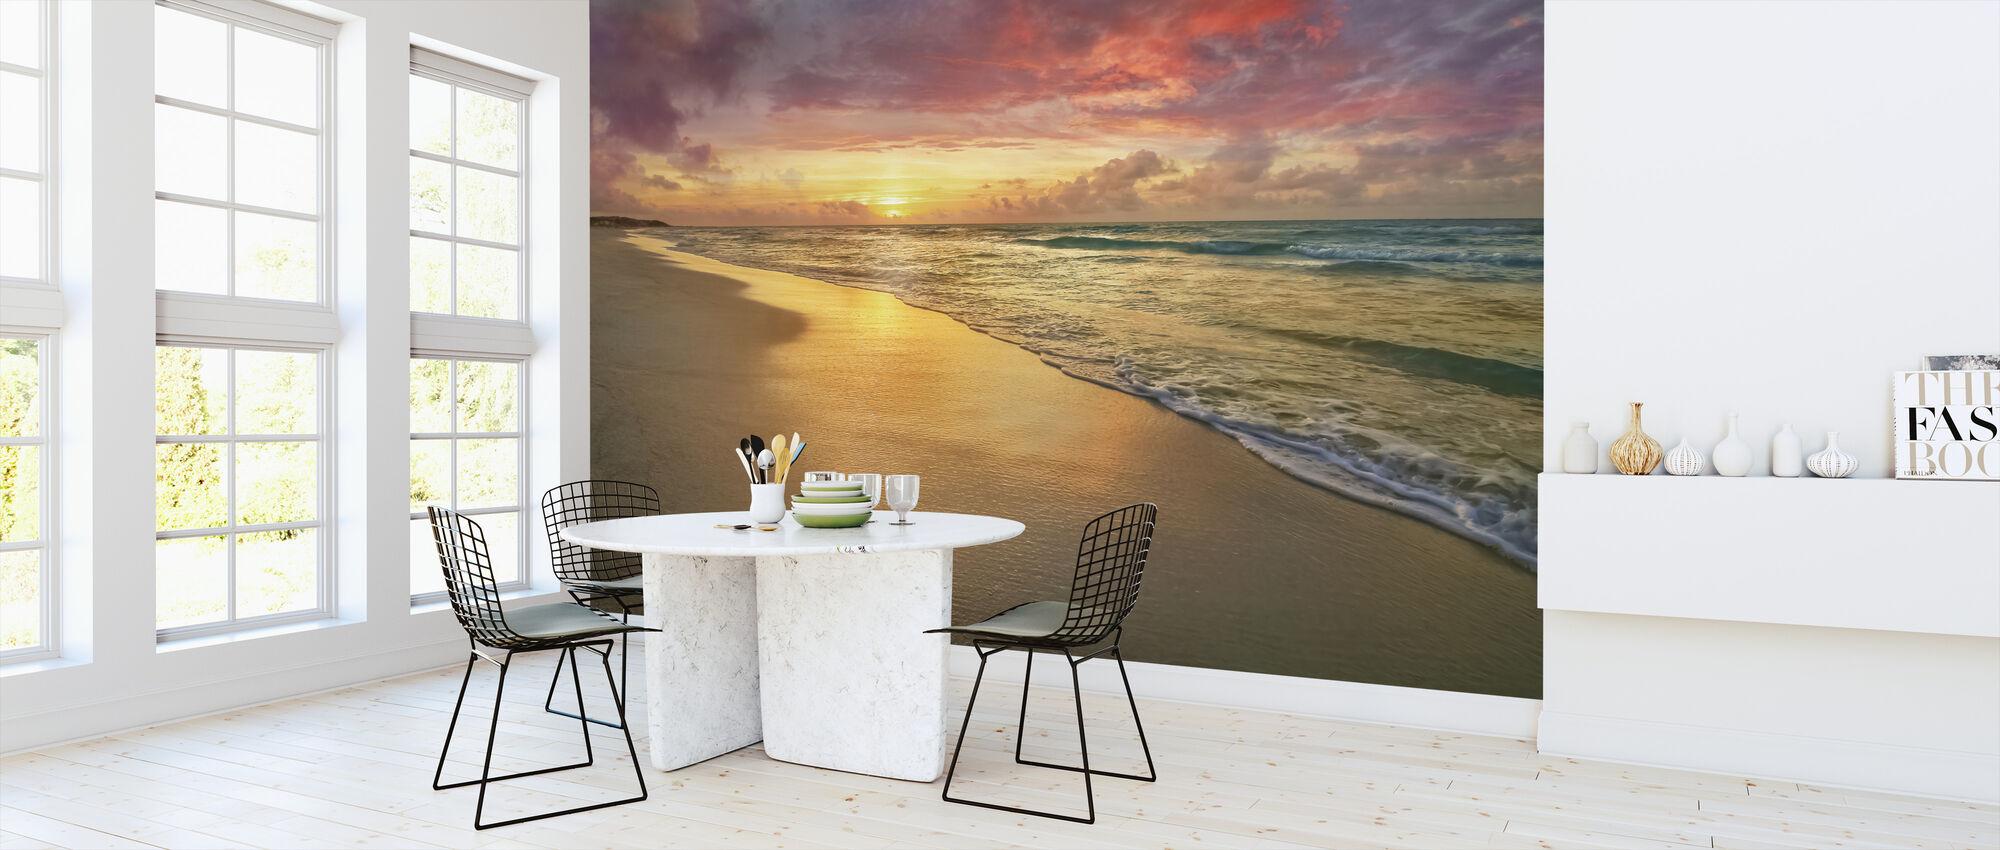 Sunset Beach - Wallpaper - Kitchen